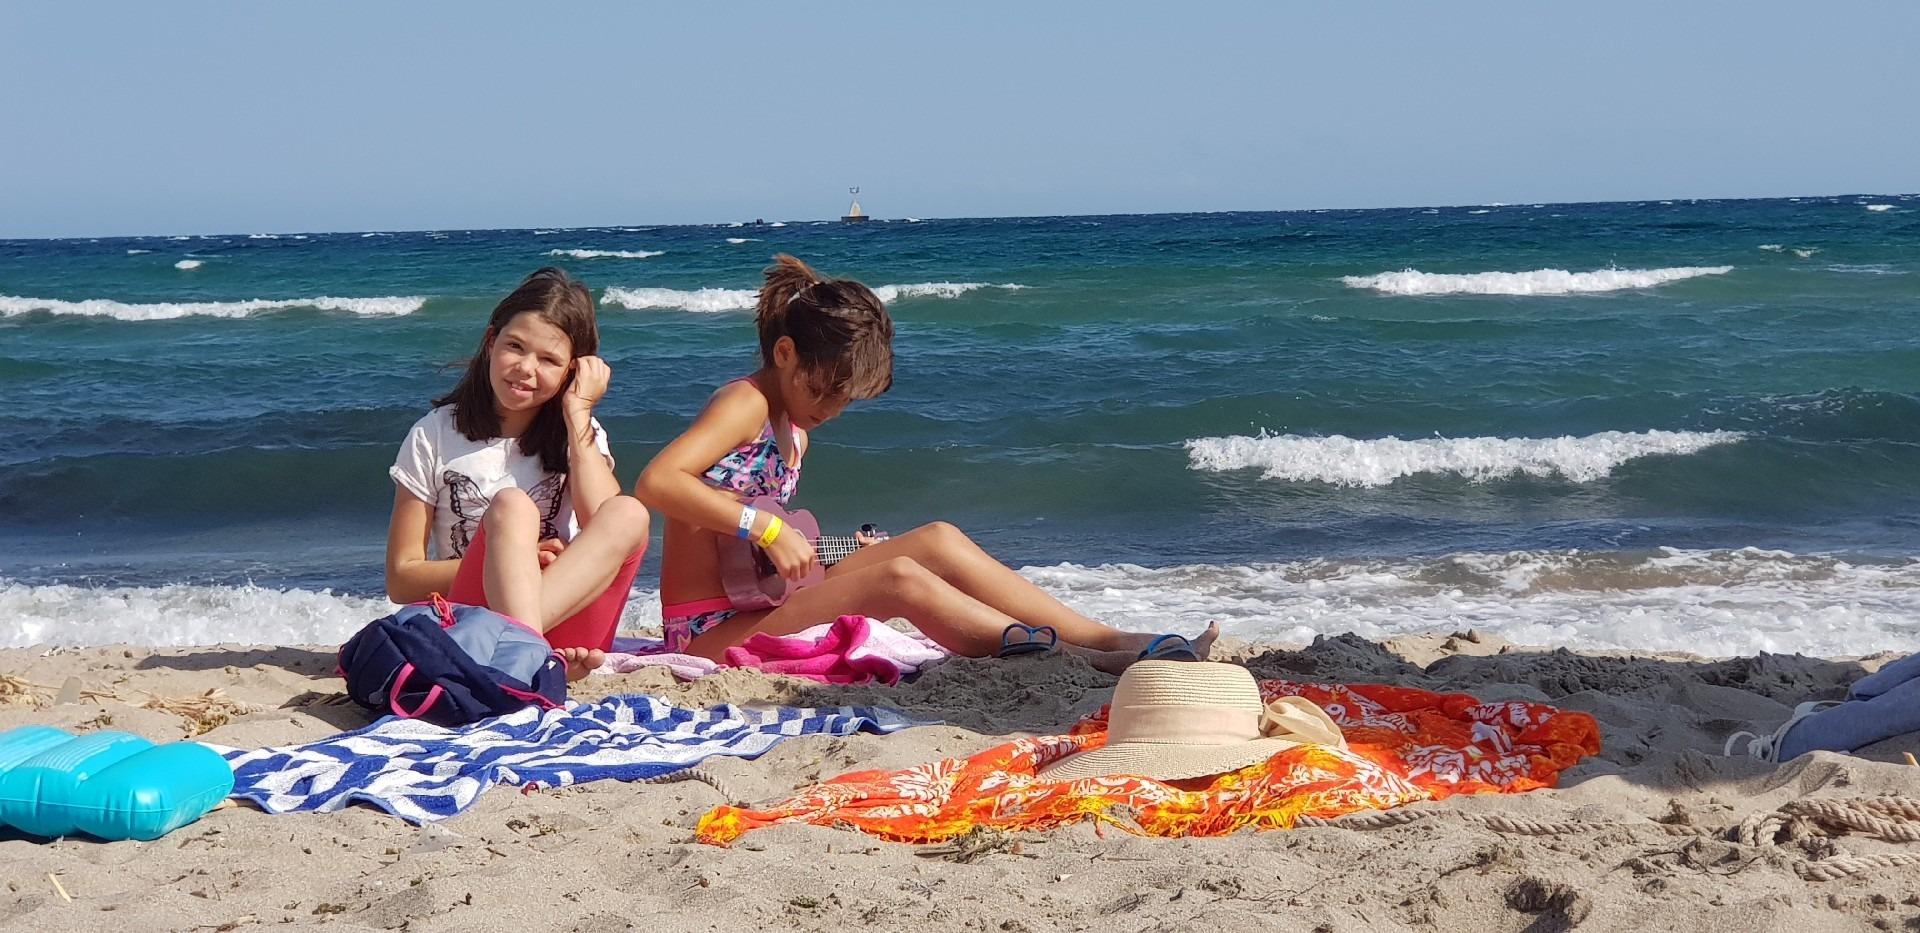 летни езикови лагери за деца Z кемп, Ден 37 - на плажа - две момичета седят на плажа, зад тях море